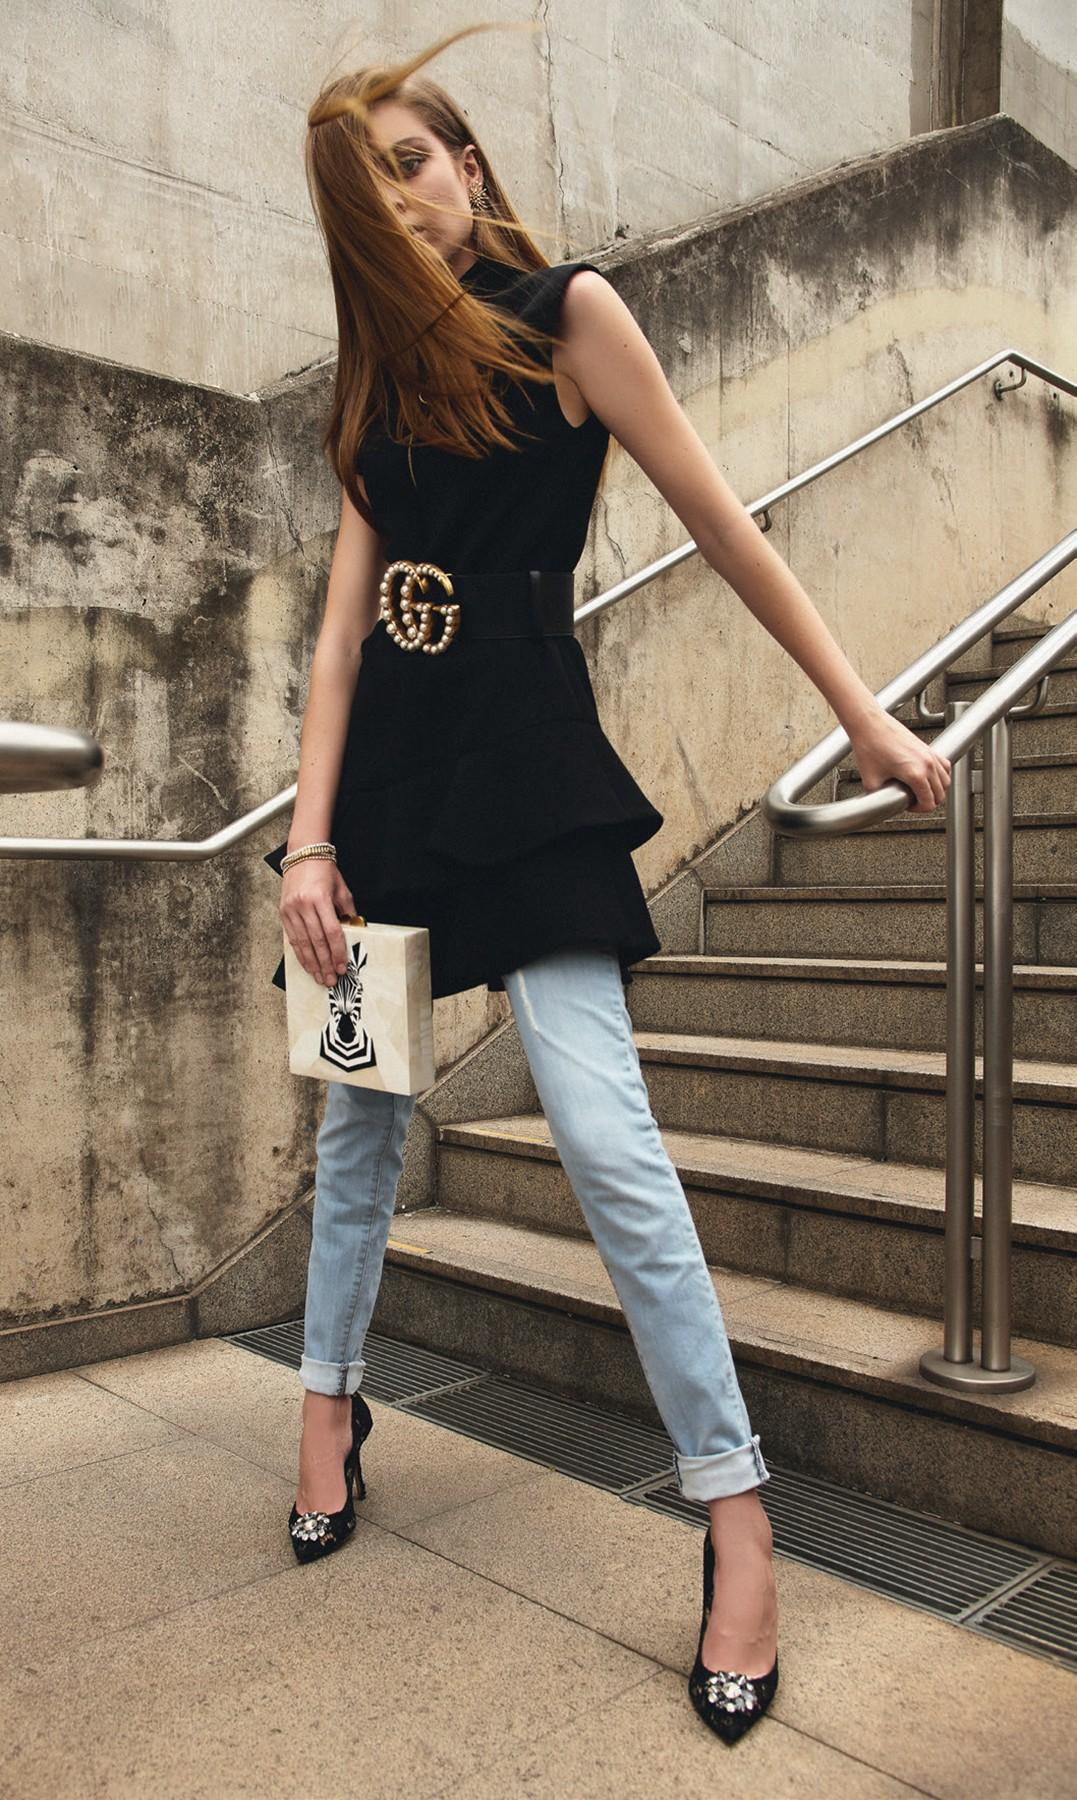 Vestido, R$ 11.700, Louis Vuitton; calça, R$ 268, John John. Cinto, R$ 4.620, Gucci; clutch, R$ 2.730, Isla; escarpins, R$ 4.100, Dolce & Gabbana; brinco, R$ 7.690, e pulseiras, a partir de R$ 15.190, tudo Talento (Foto: Higor Bastos)